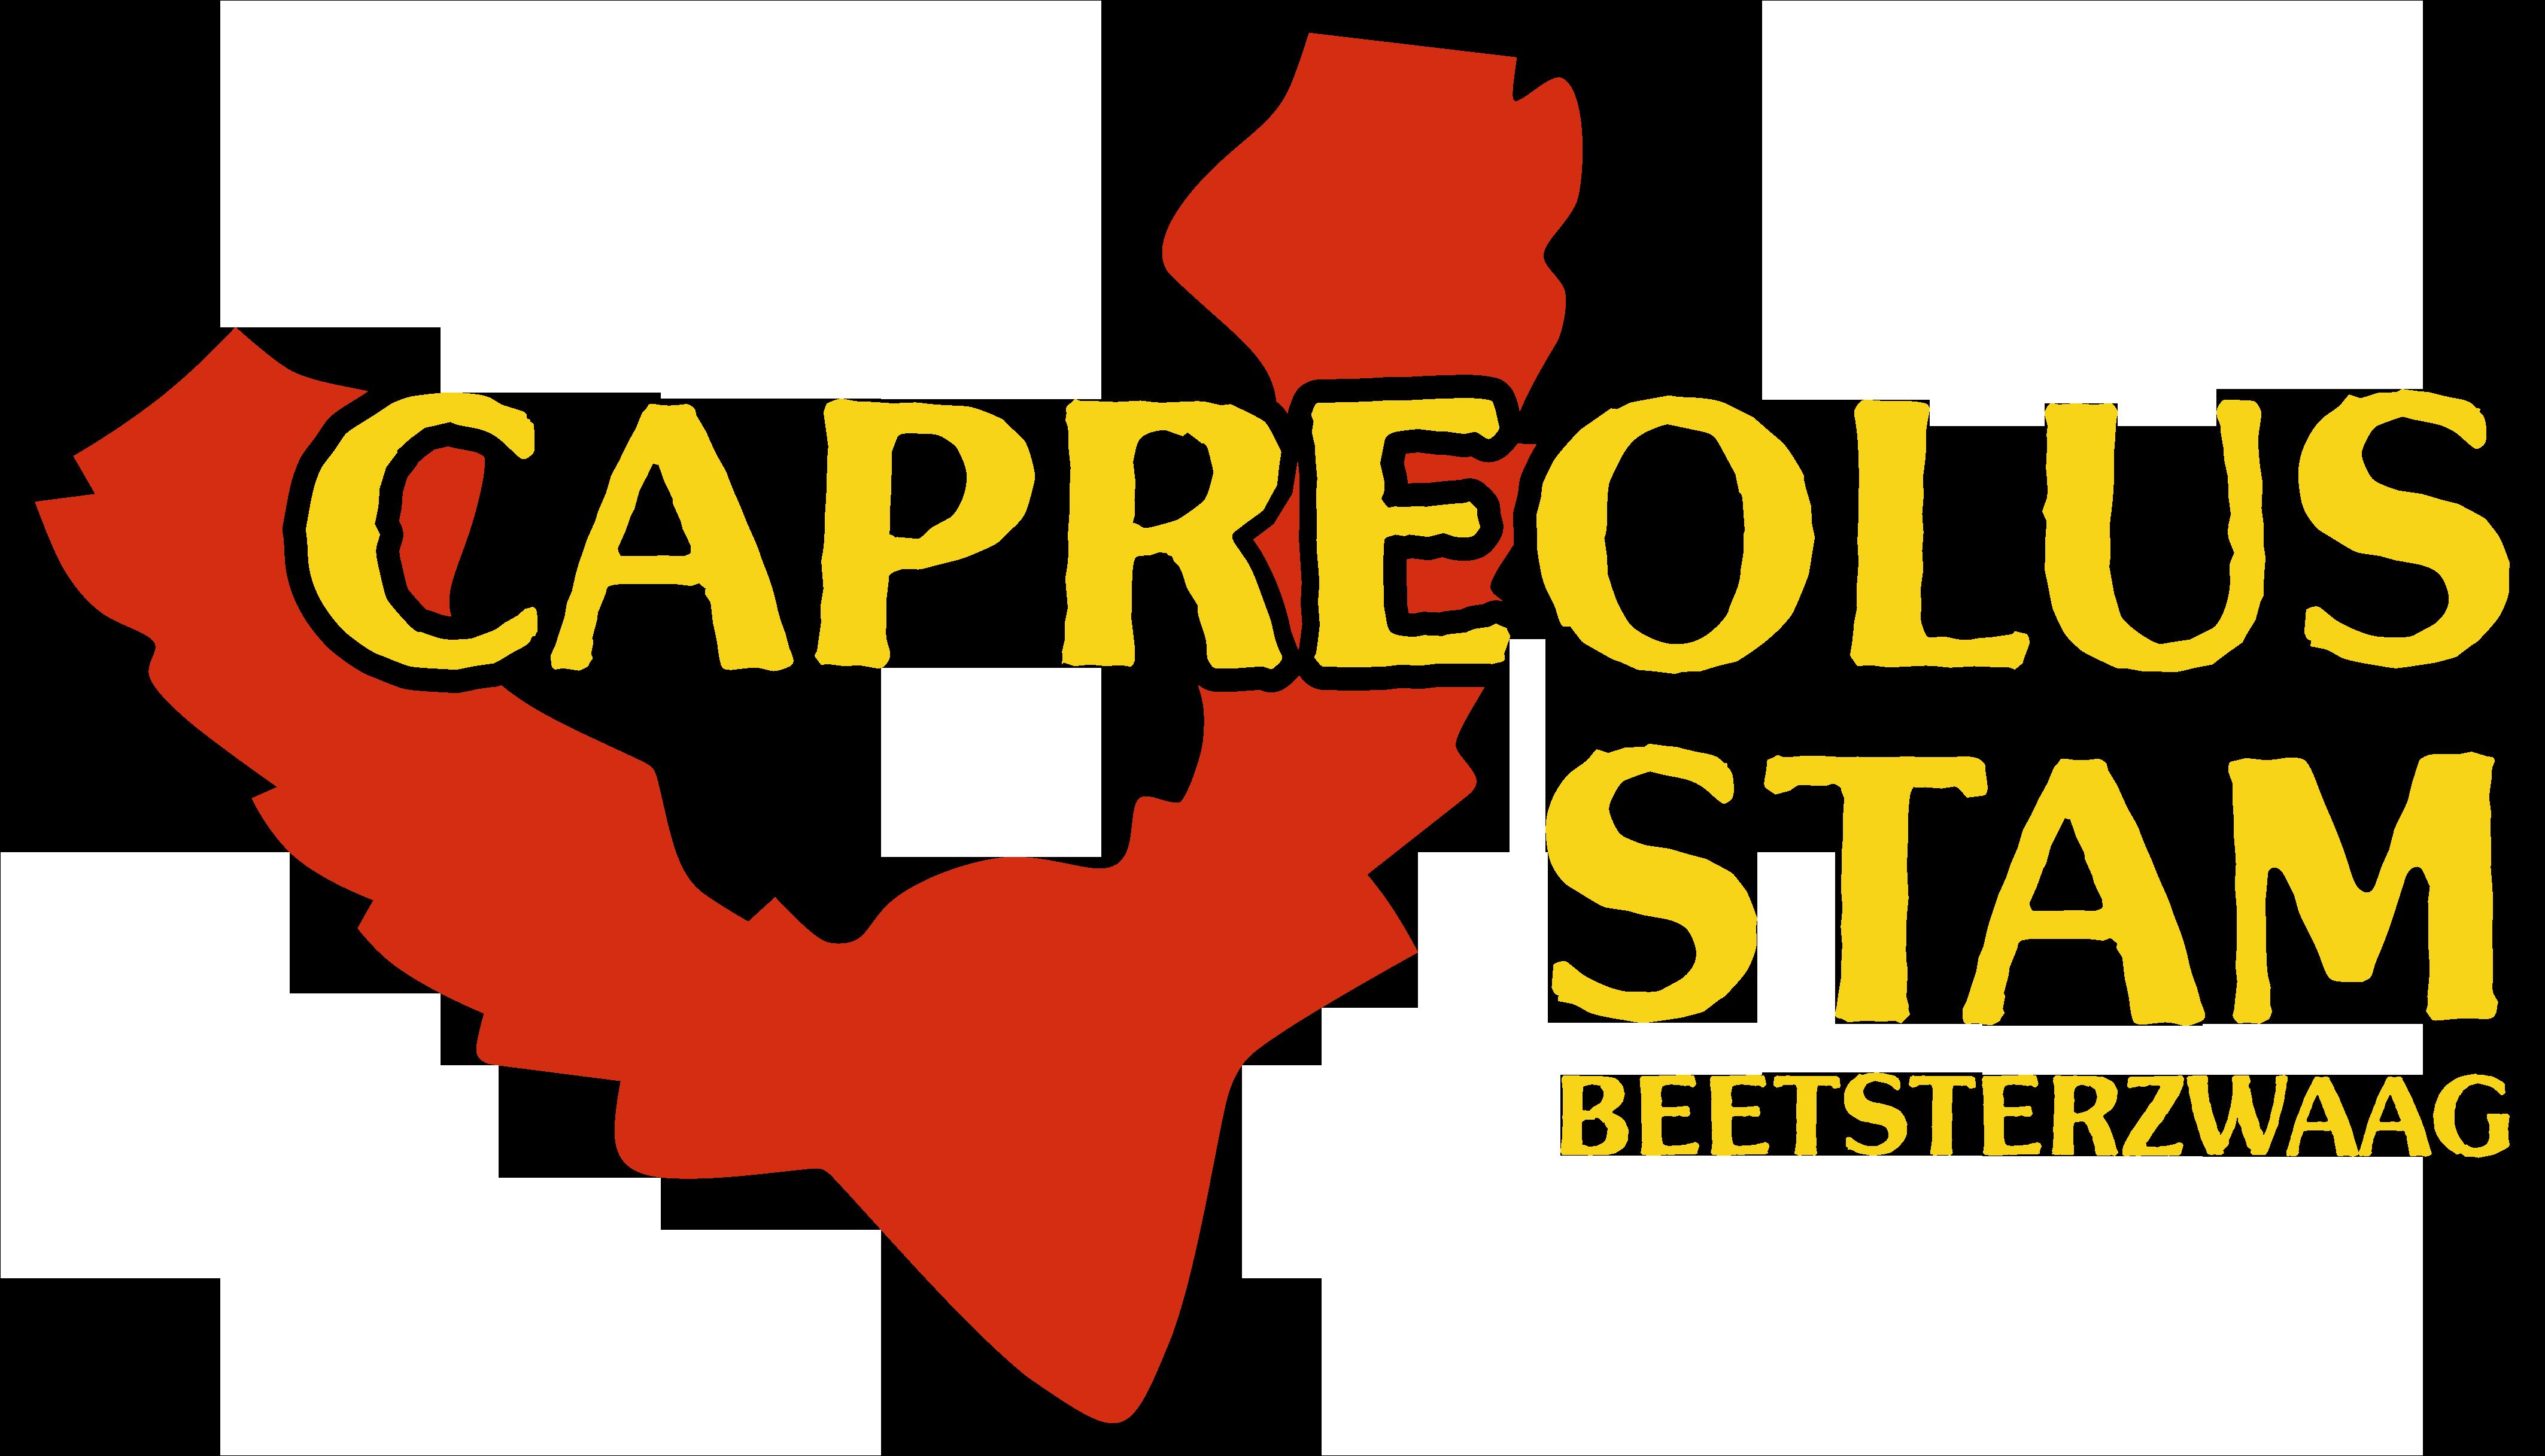 capreolusstam